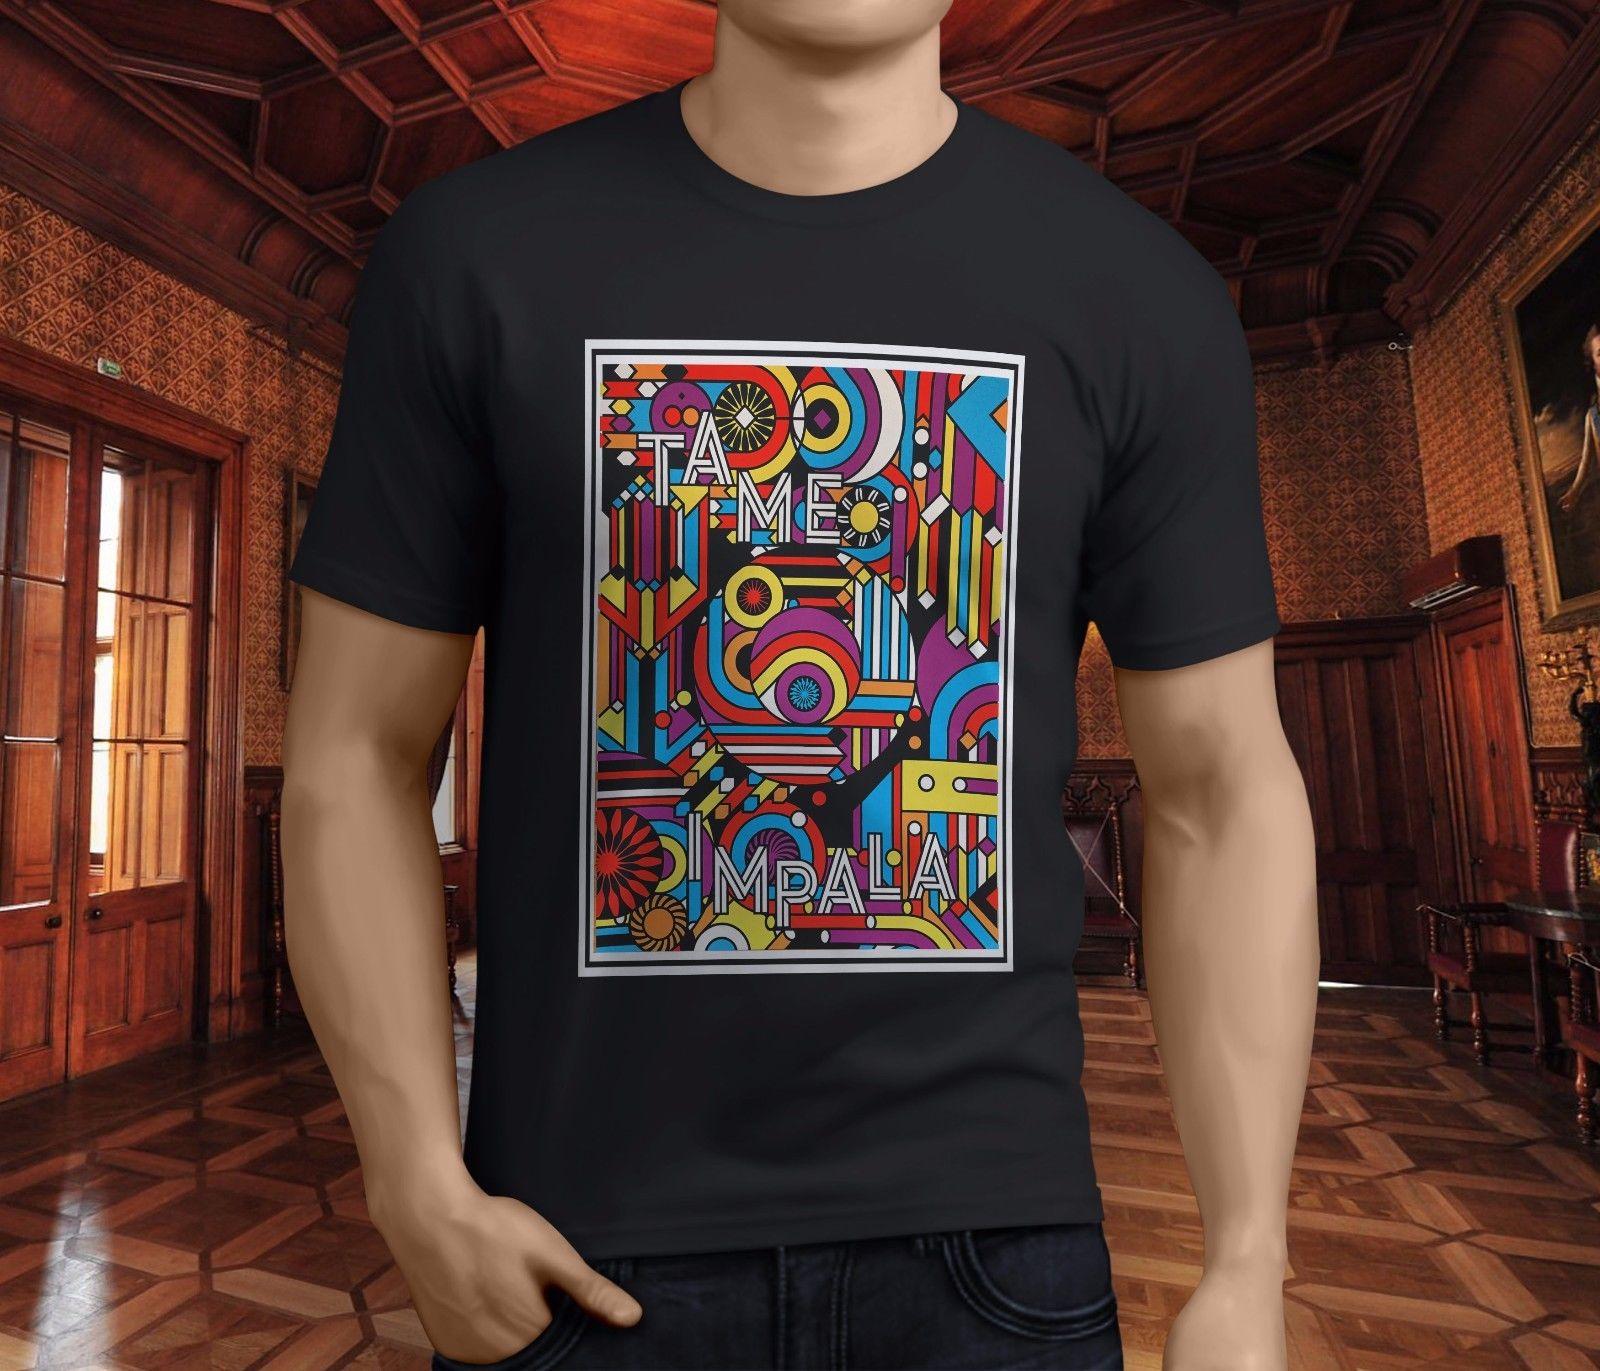 Gildan nuevo Popular Impala de la banda de los hombres negro camiseta S-3XL